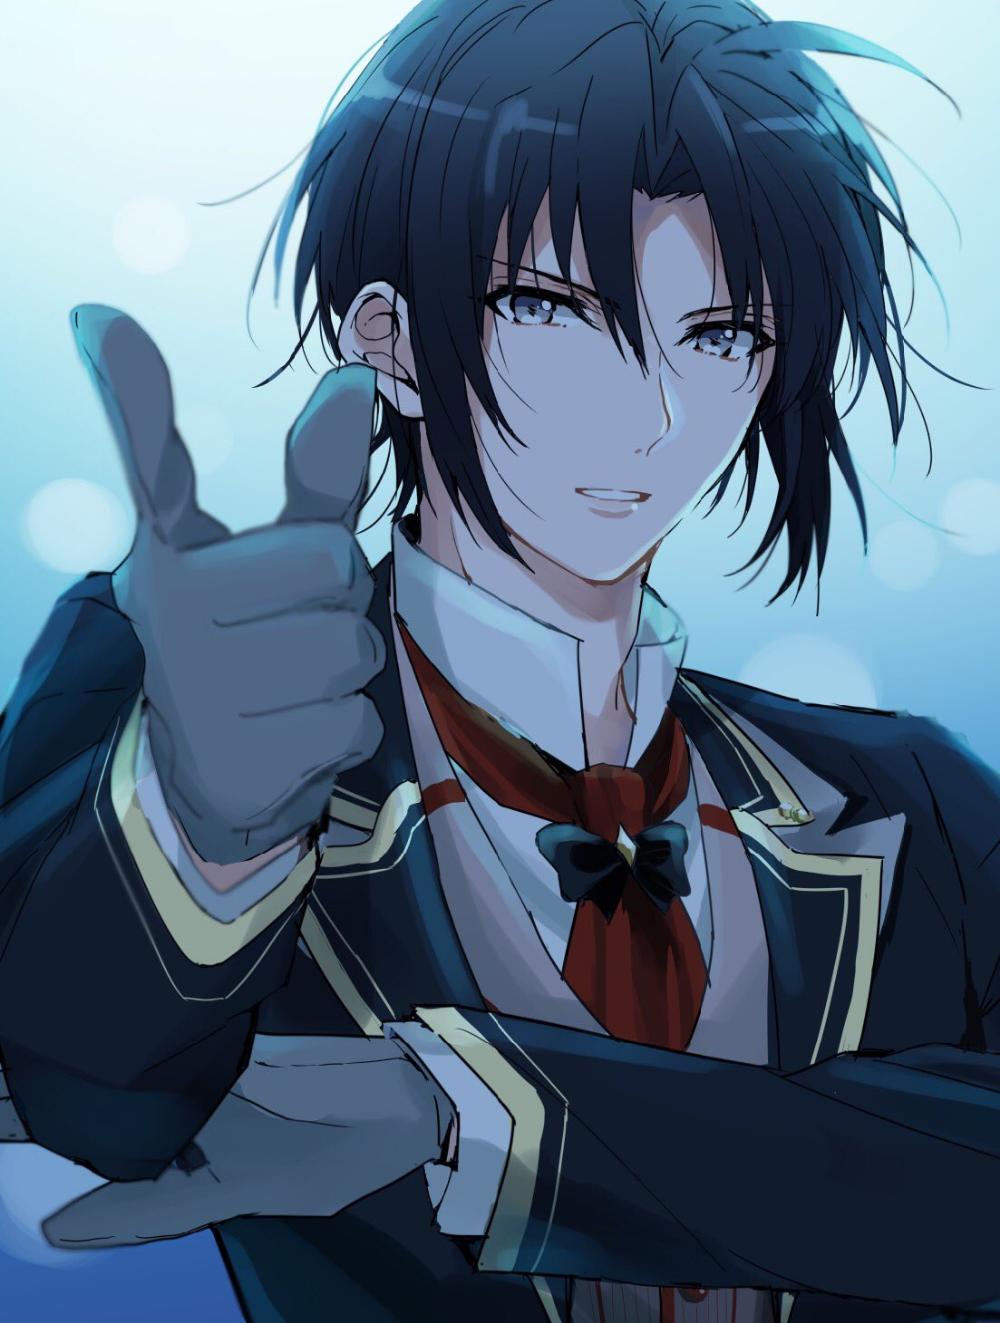 のみ on in 2020 Handsome anime guys, Character art, Anime guys